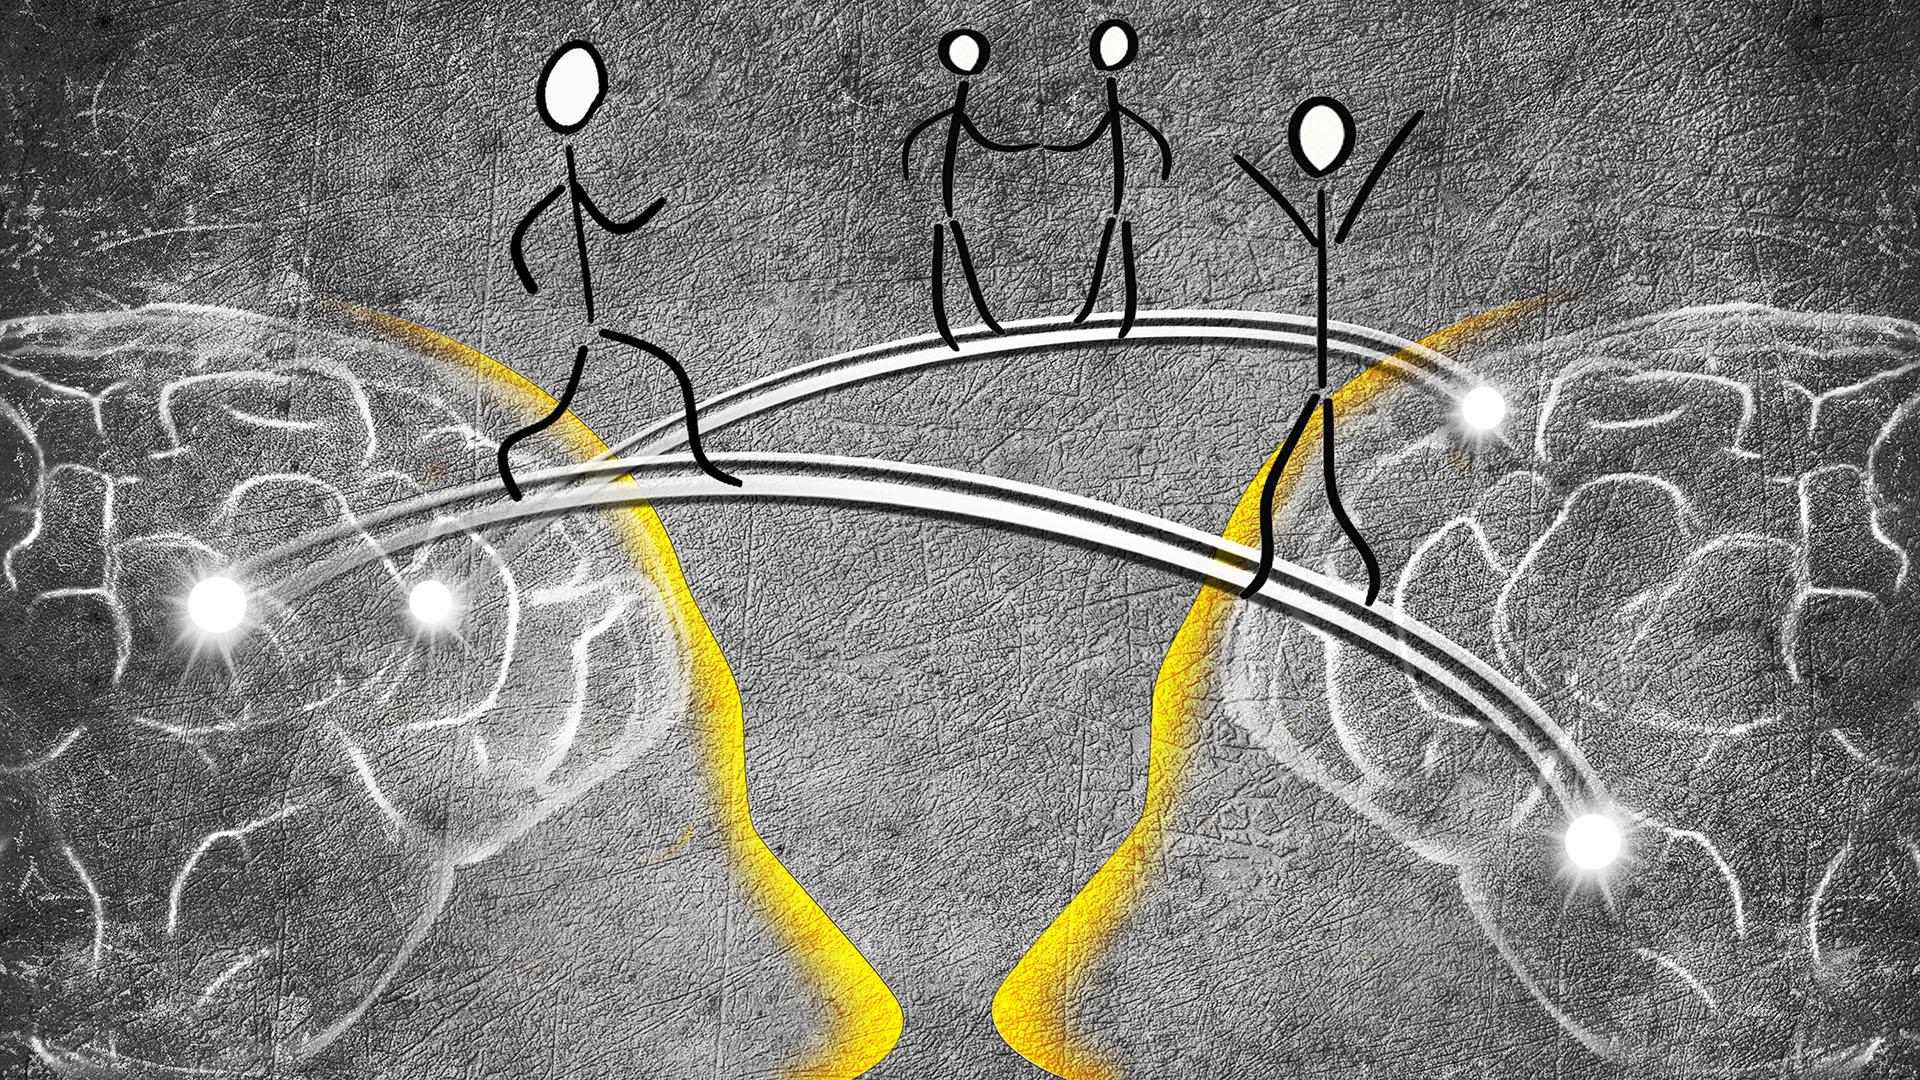 ezotéria gondolatok ikertestvérek információátvitel kísérlet kísérleti alanyok telepátia ványik dóra